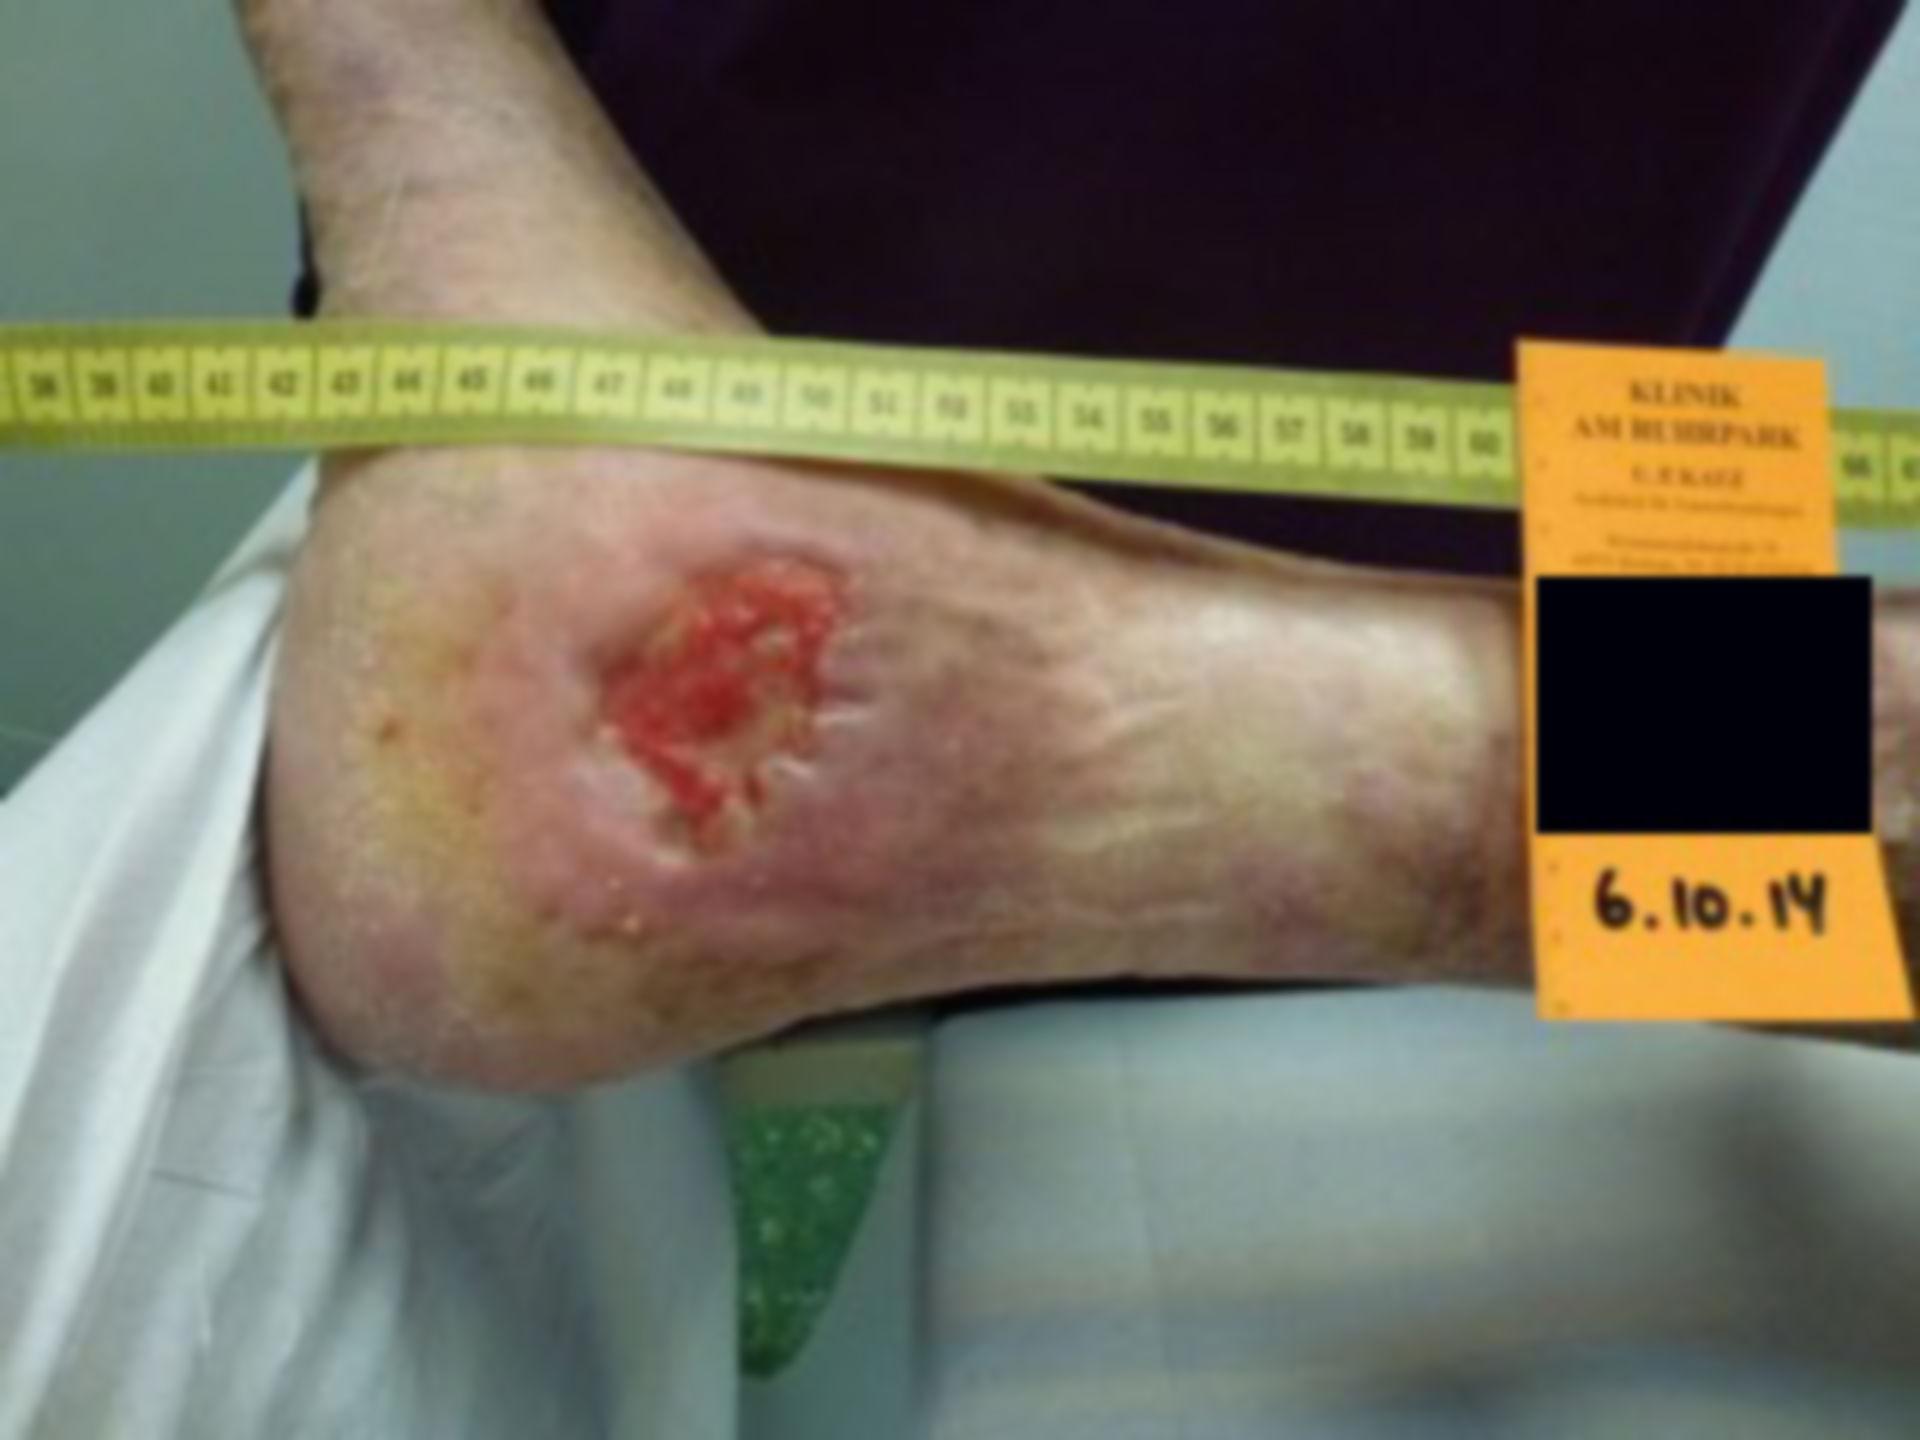 Úlcera de la pierna - abierta por 40 años (29)